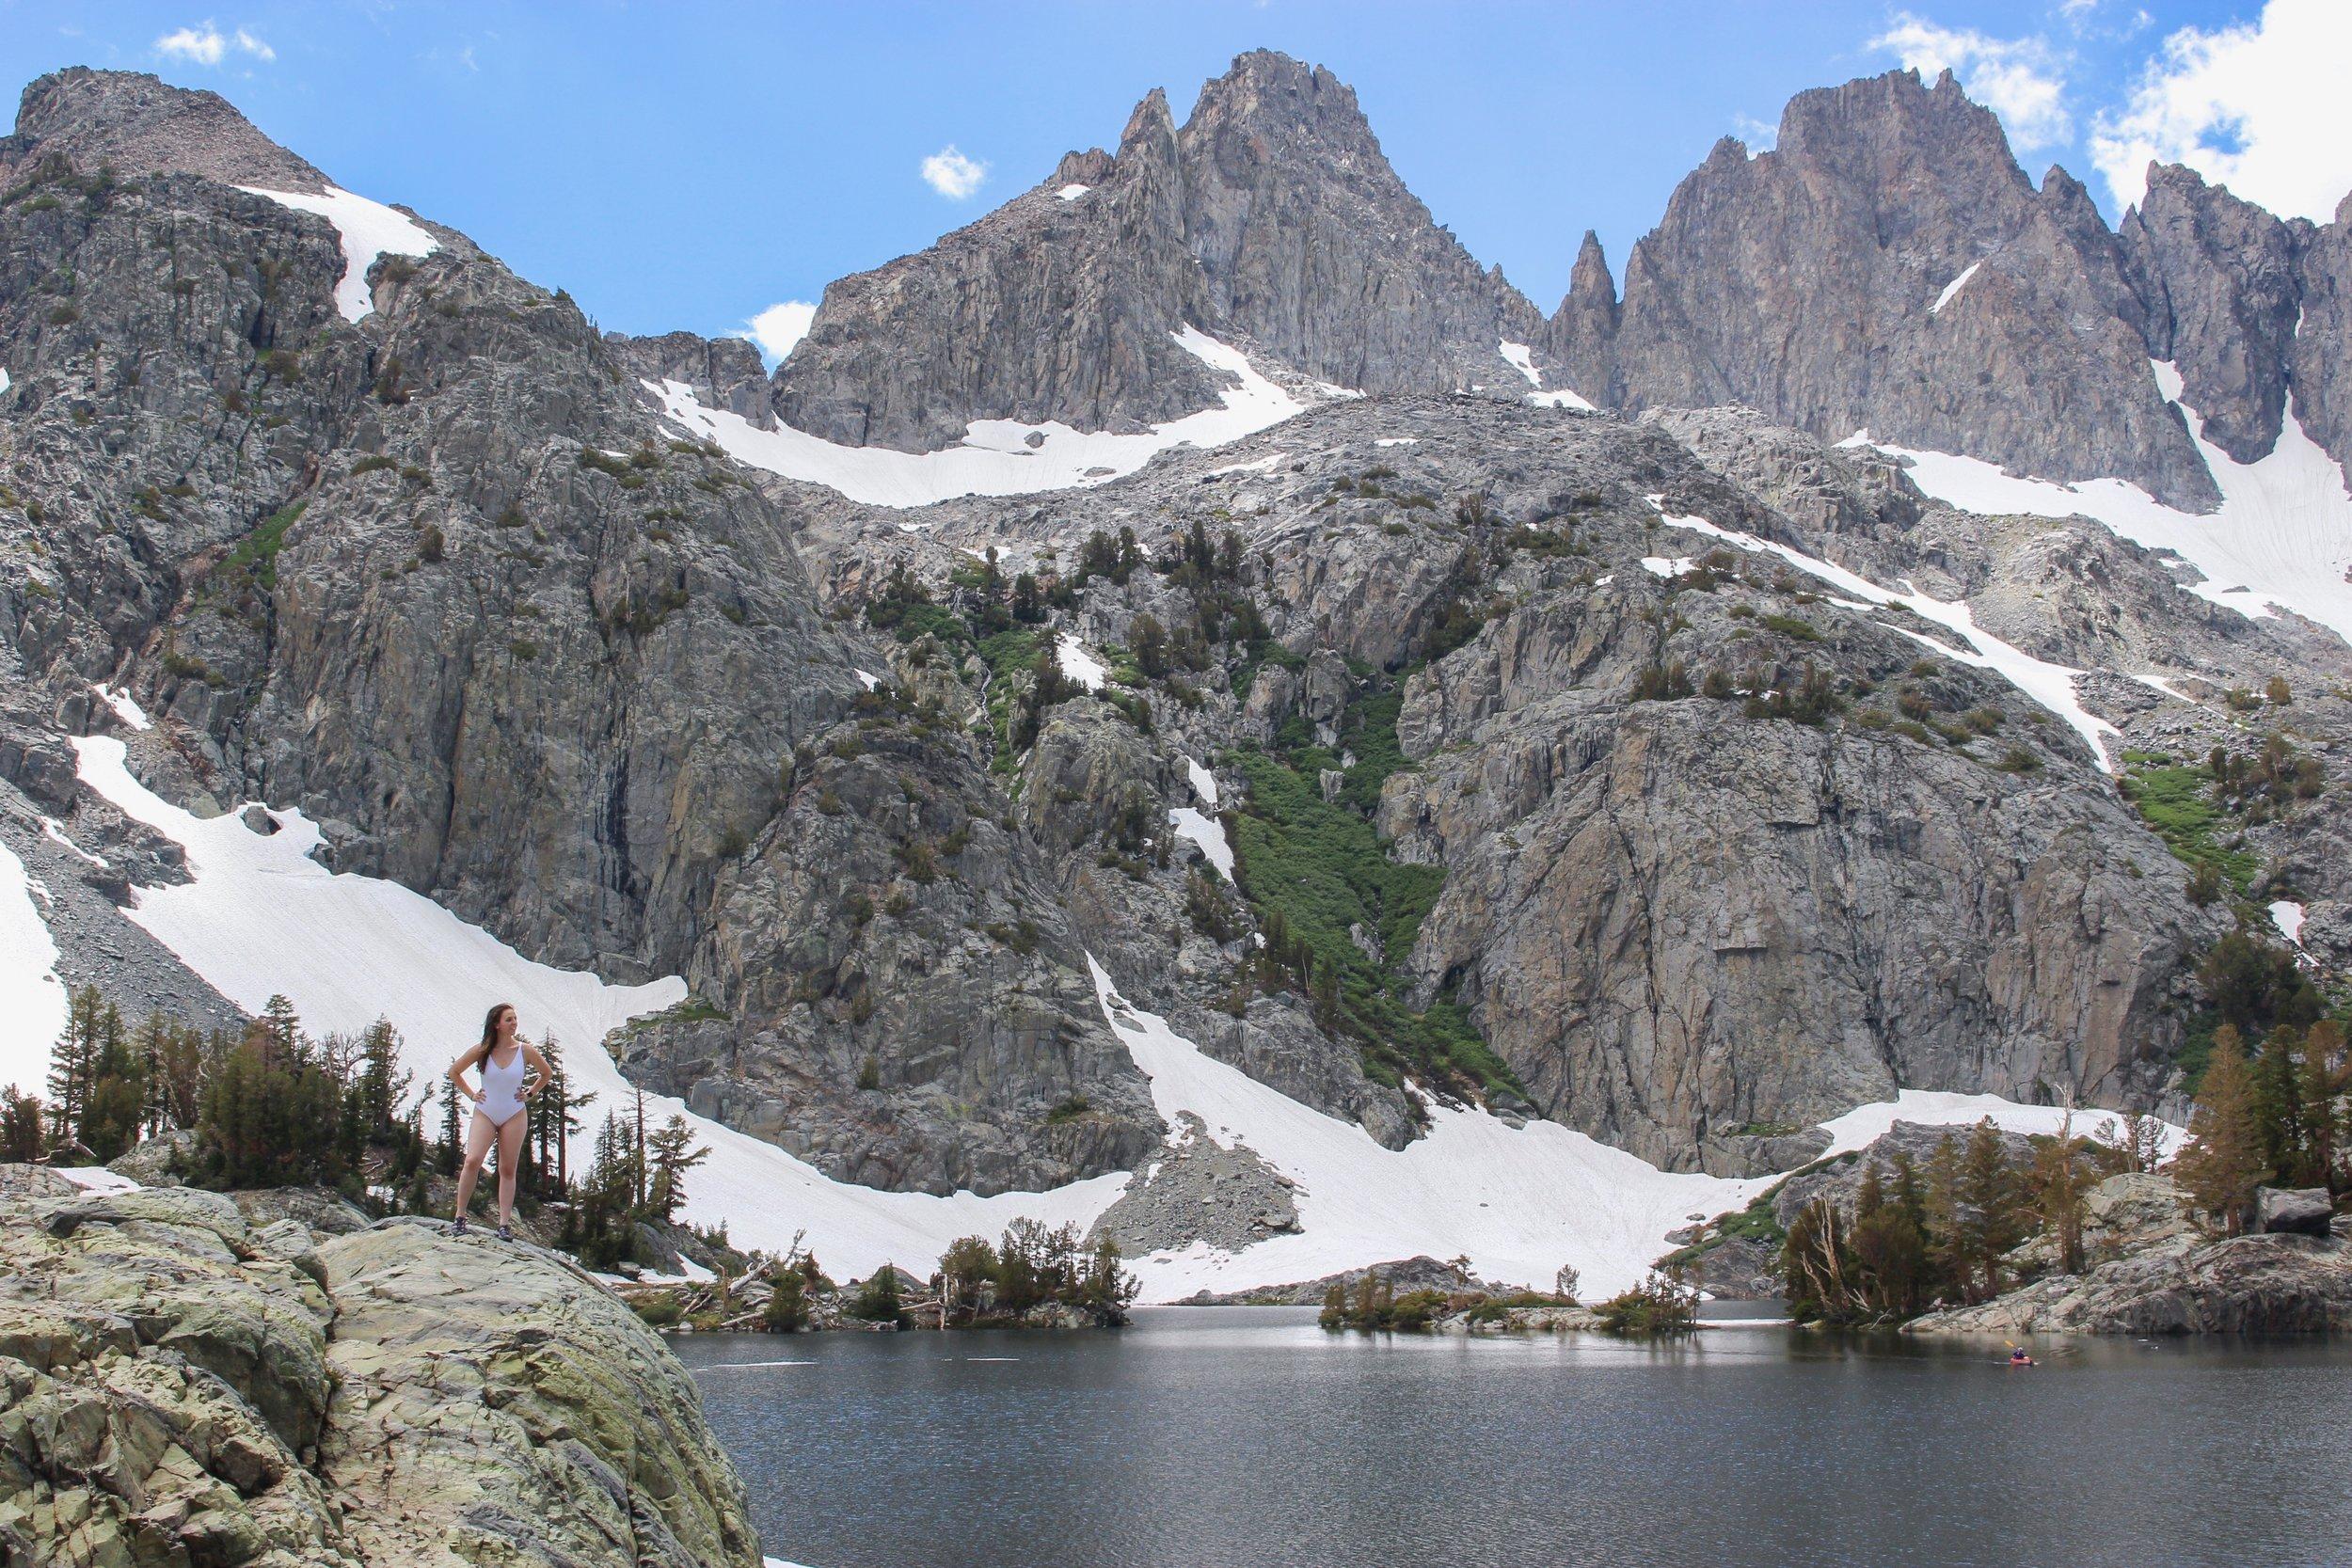 Hiking to Minaret Lake